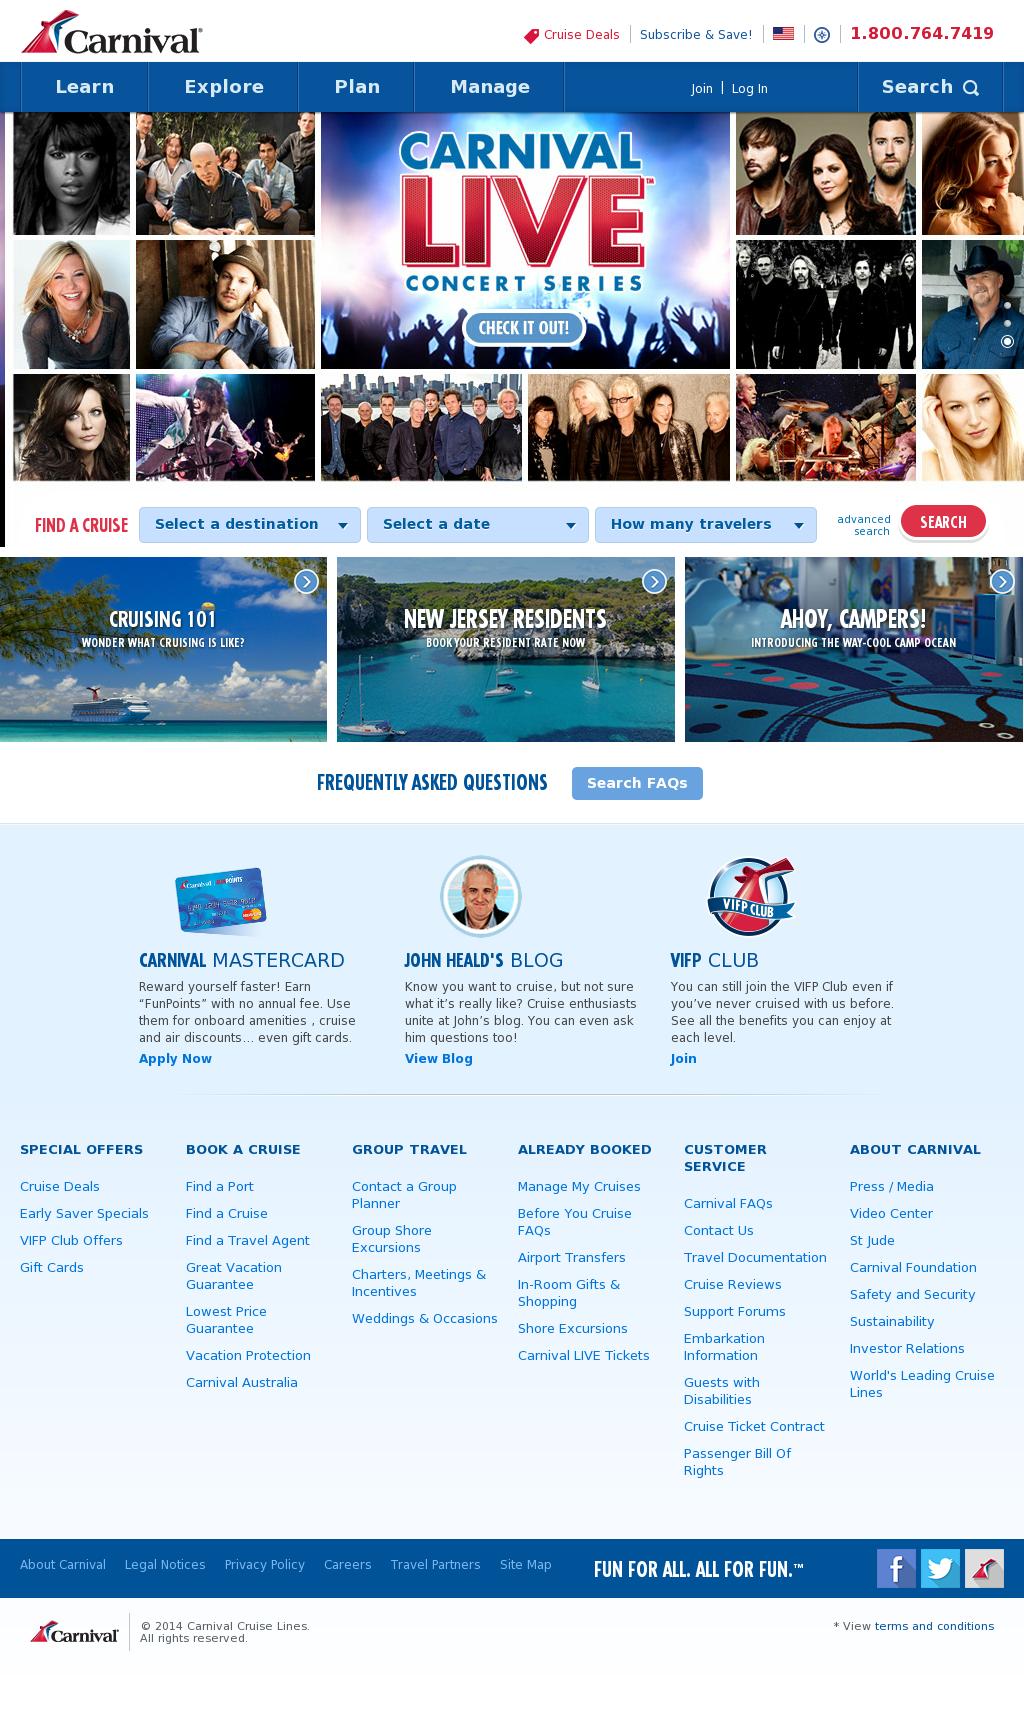 carnival corporation competitors